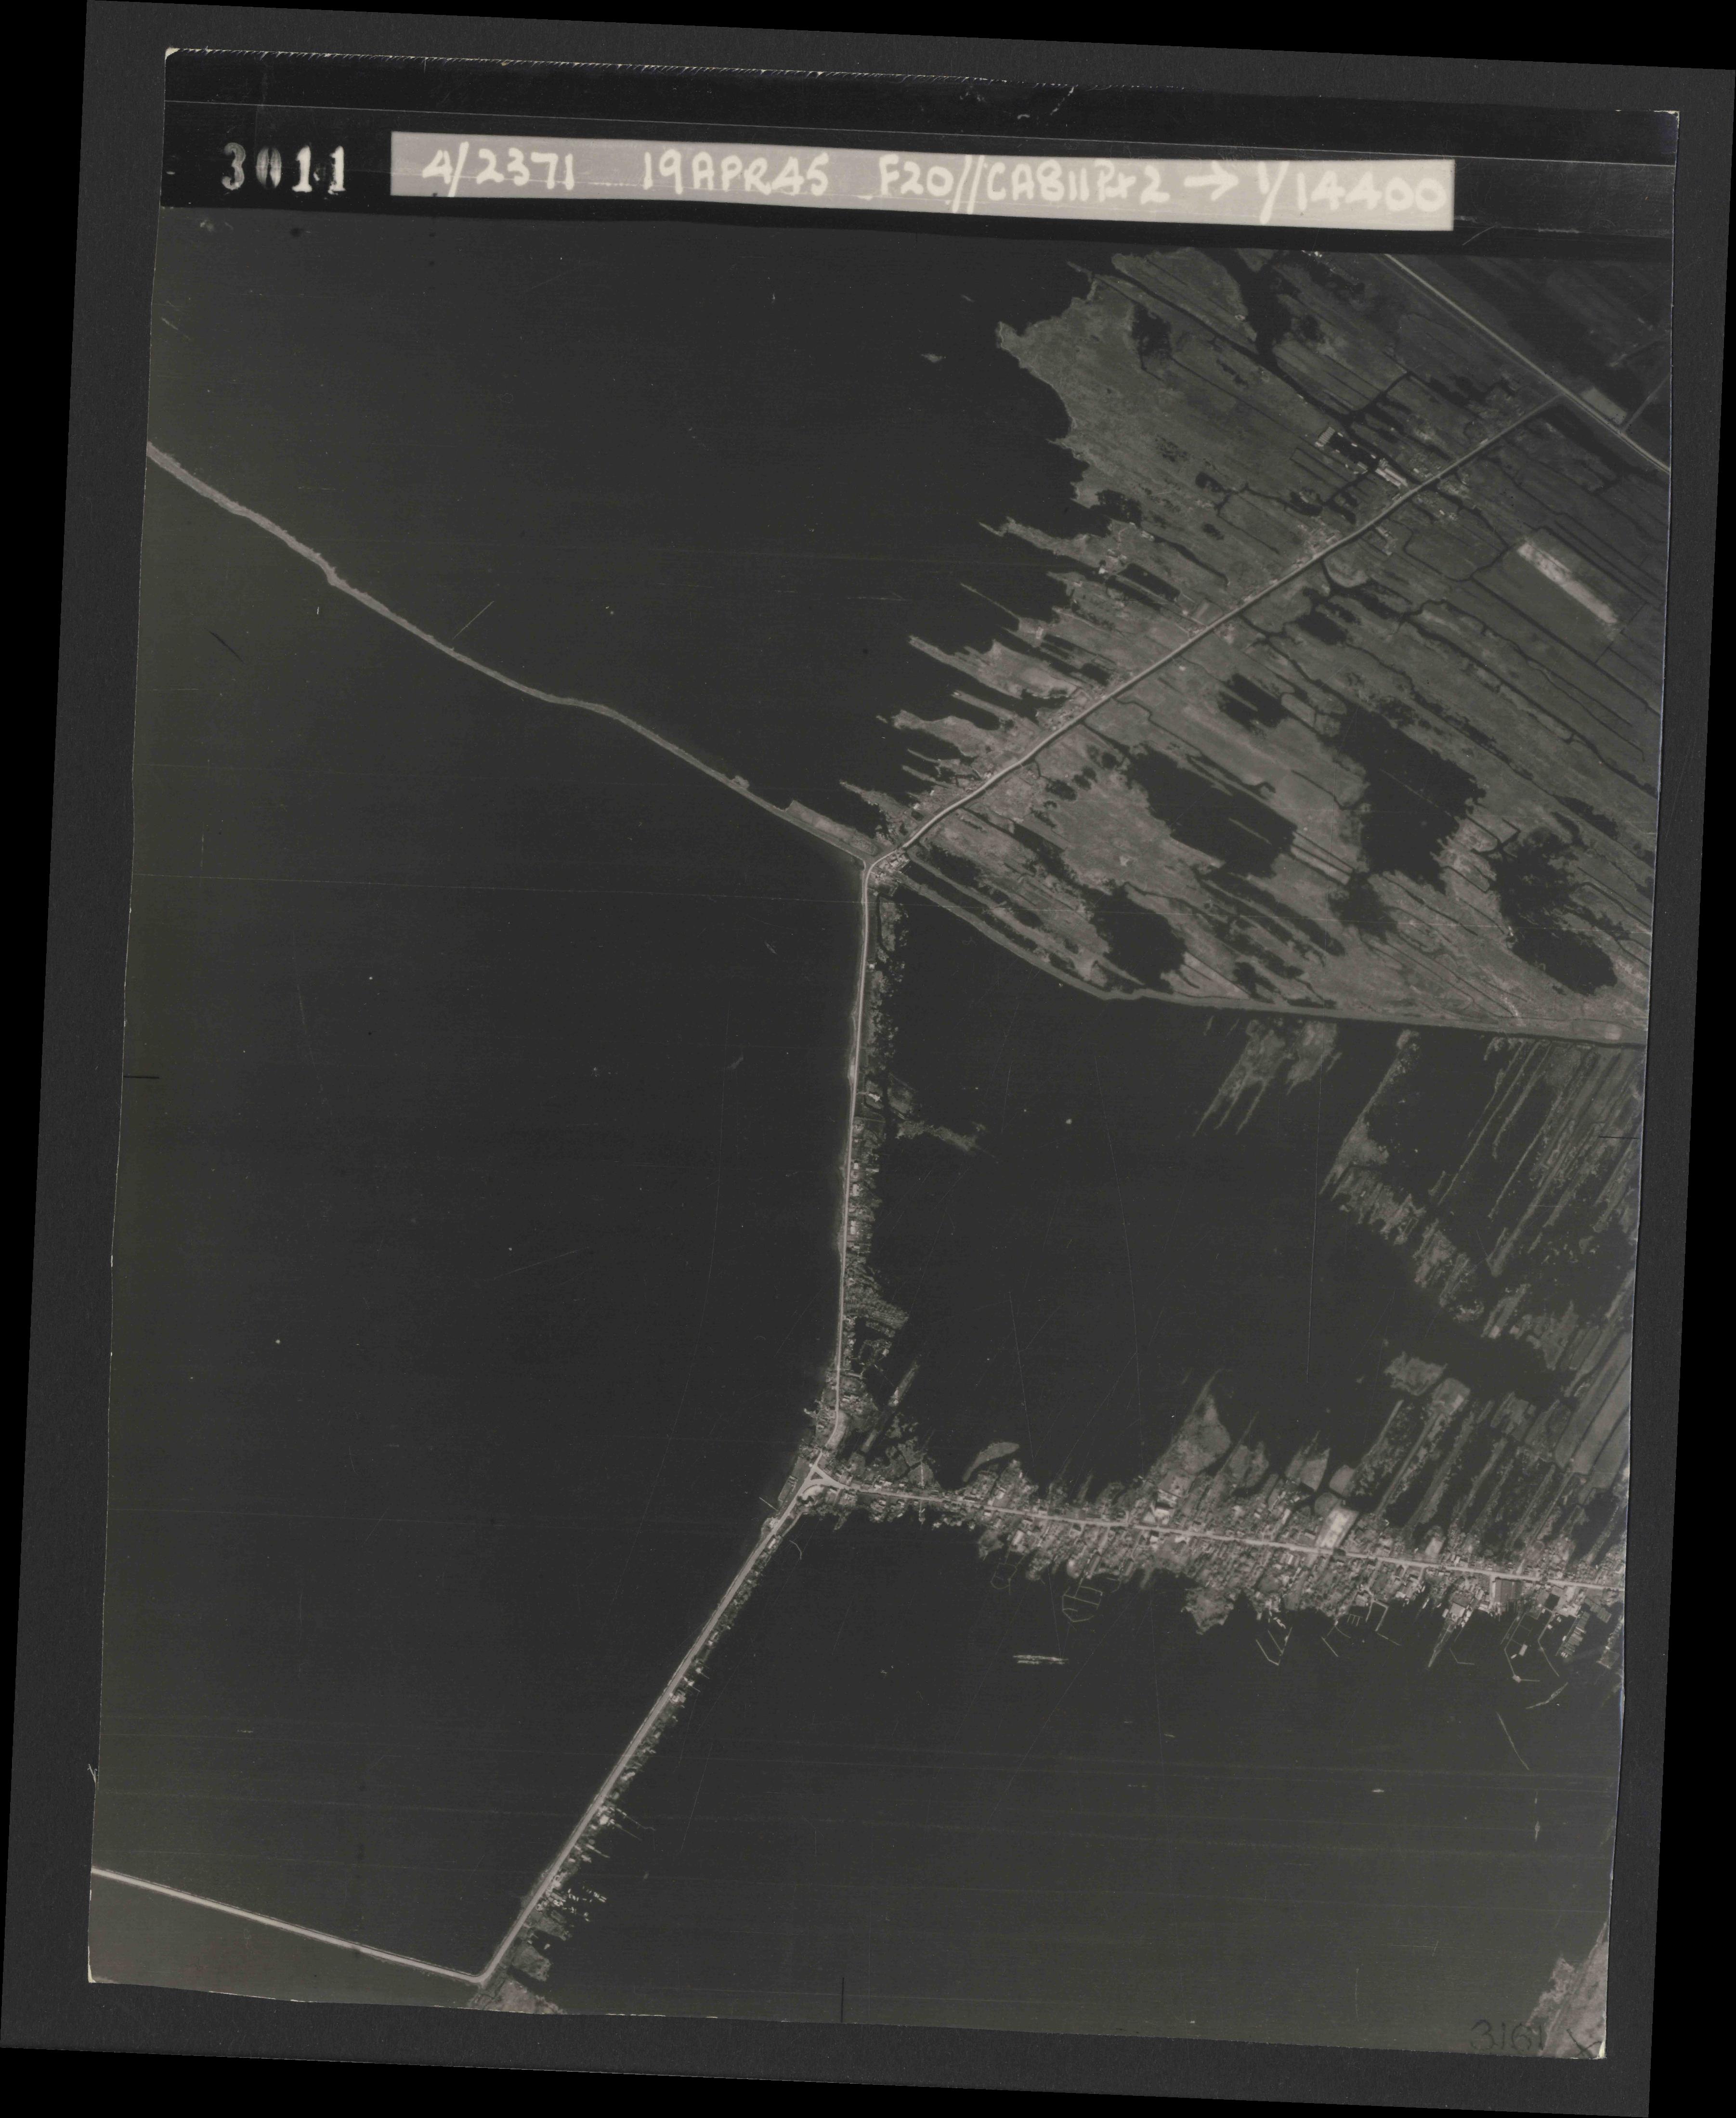 Collection RAF aerial photos 1940-1945 - flight 305, run 01, photo 3011